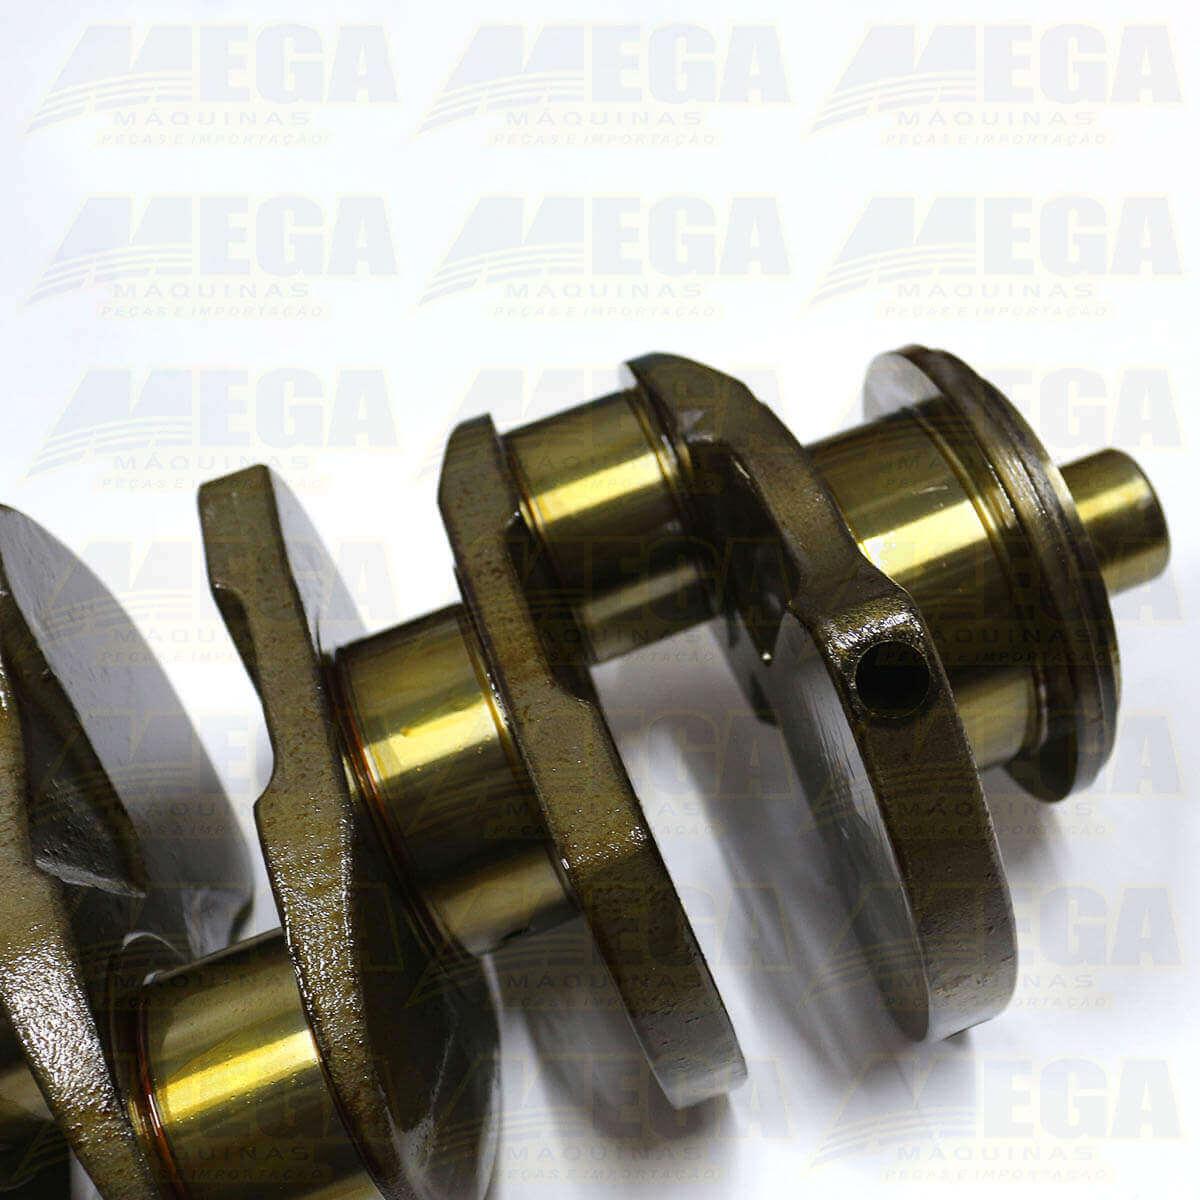 Virabrequim Motor JCB DieselMax 444 - 320/03336